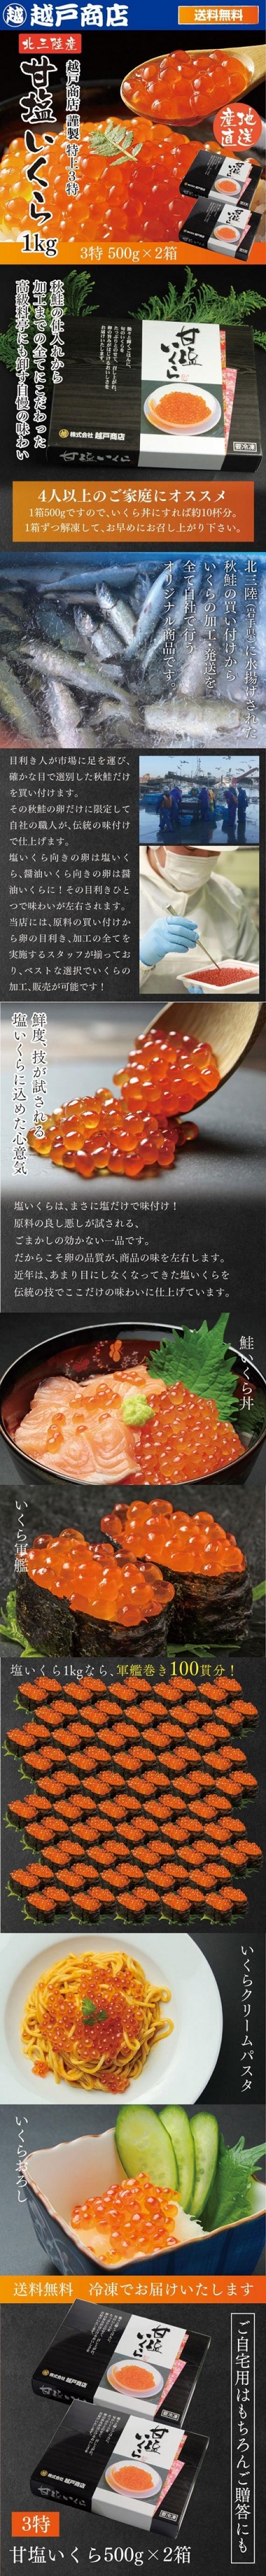 47%OFF極上甘塩いくら 1kg(500g×2)三陸産【よんななの日2019】【割引】送料無料